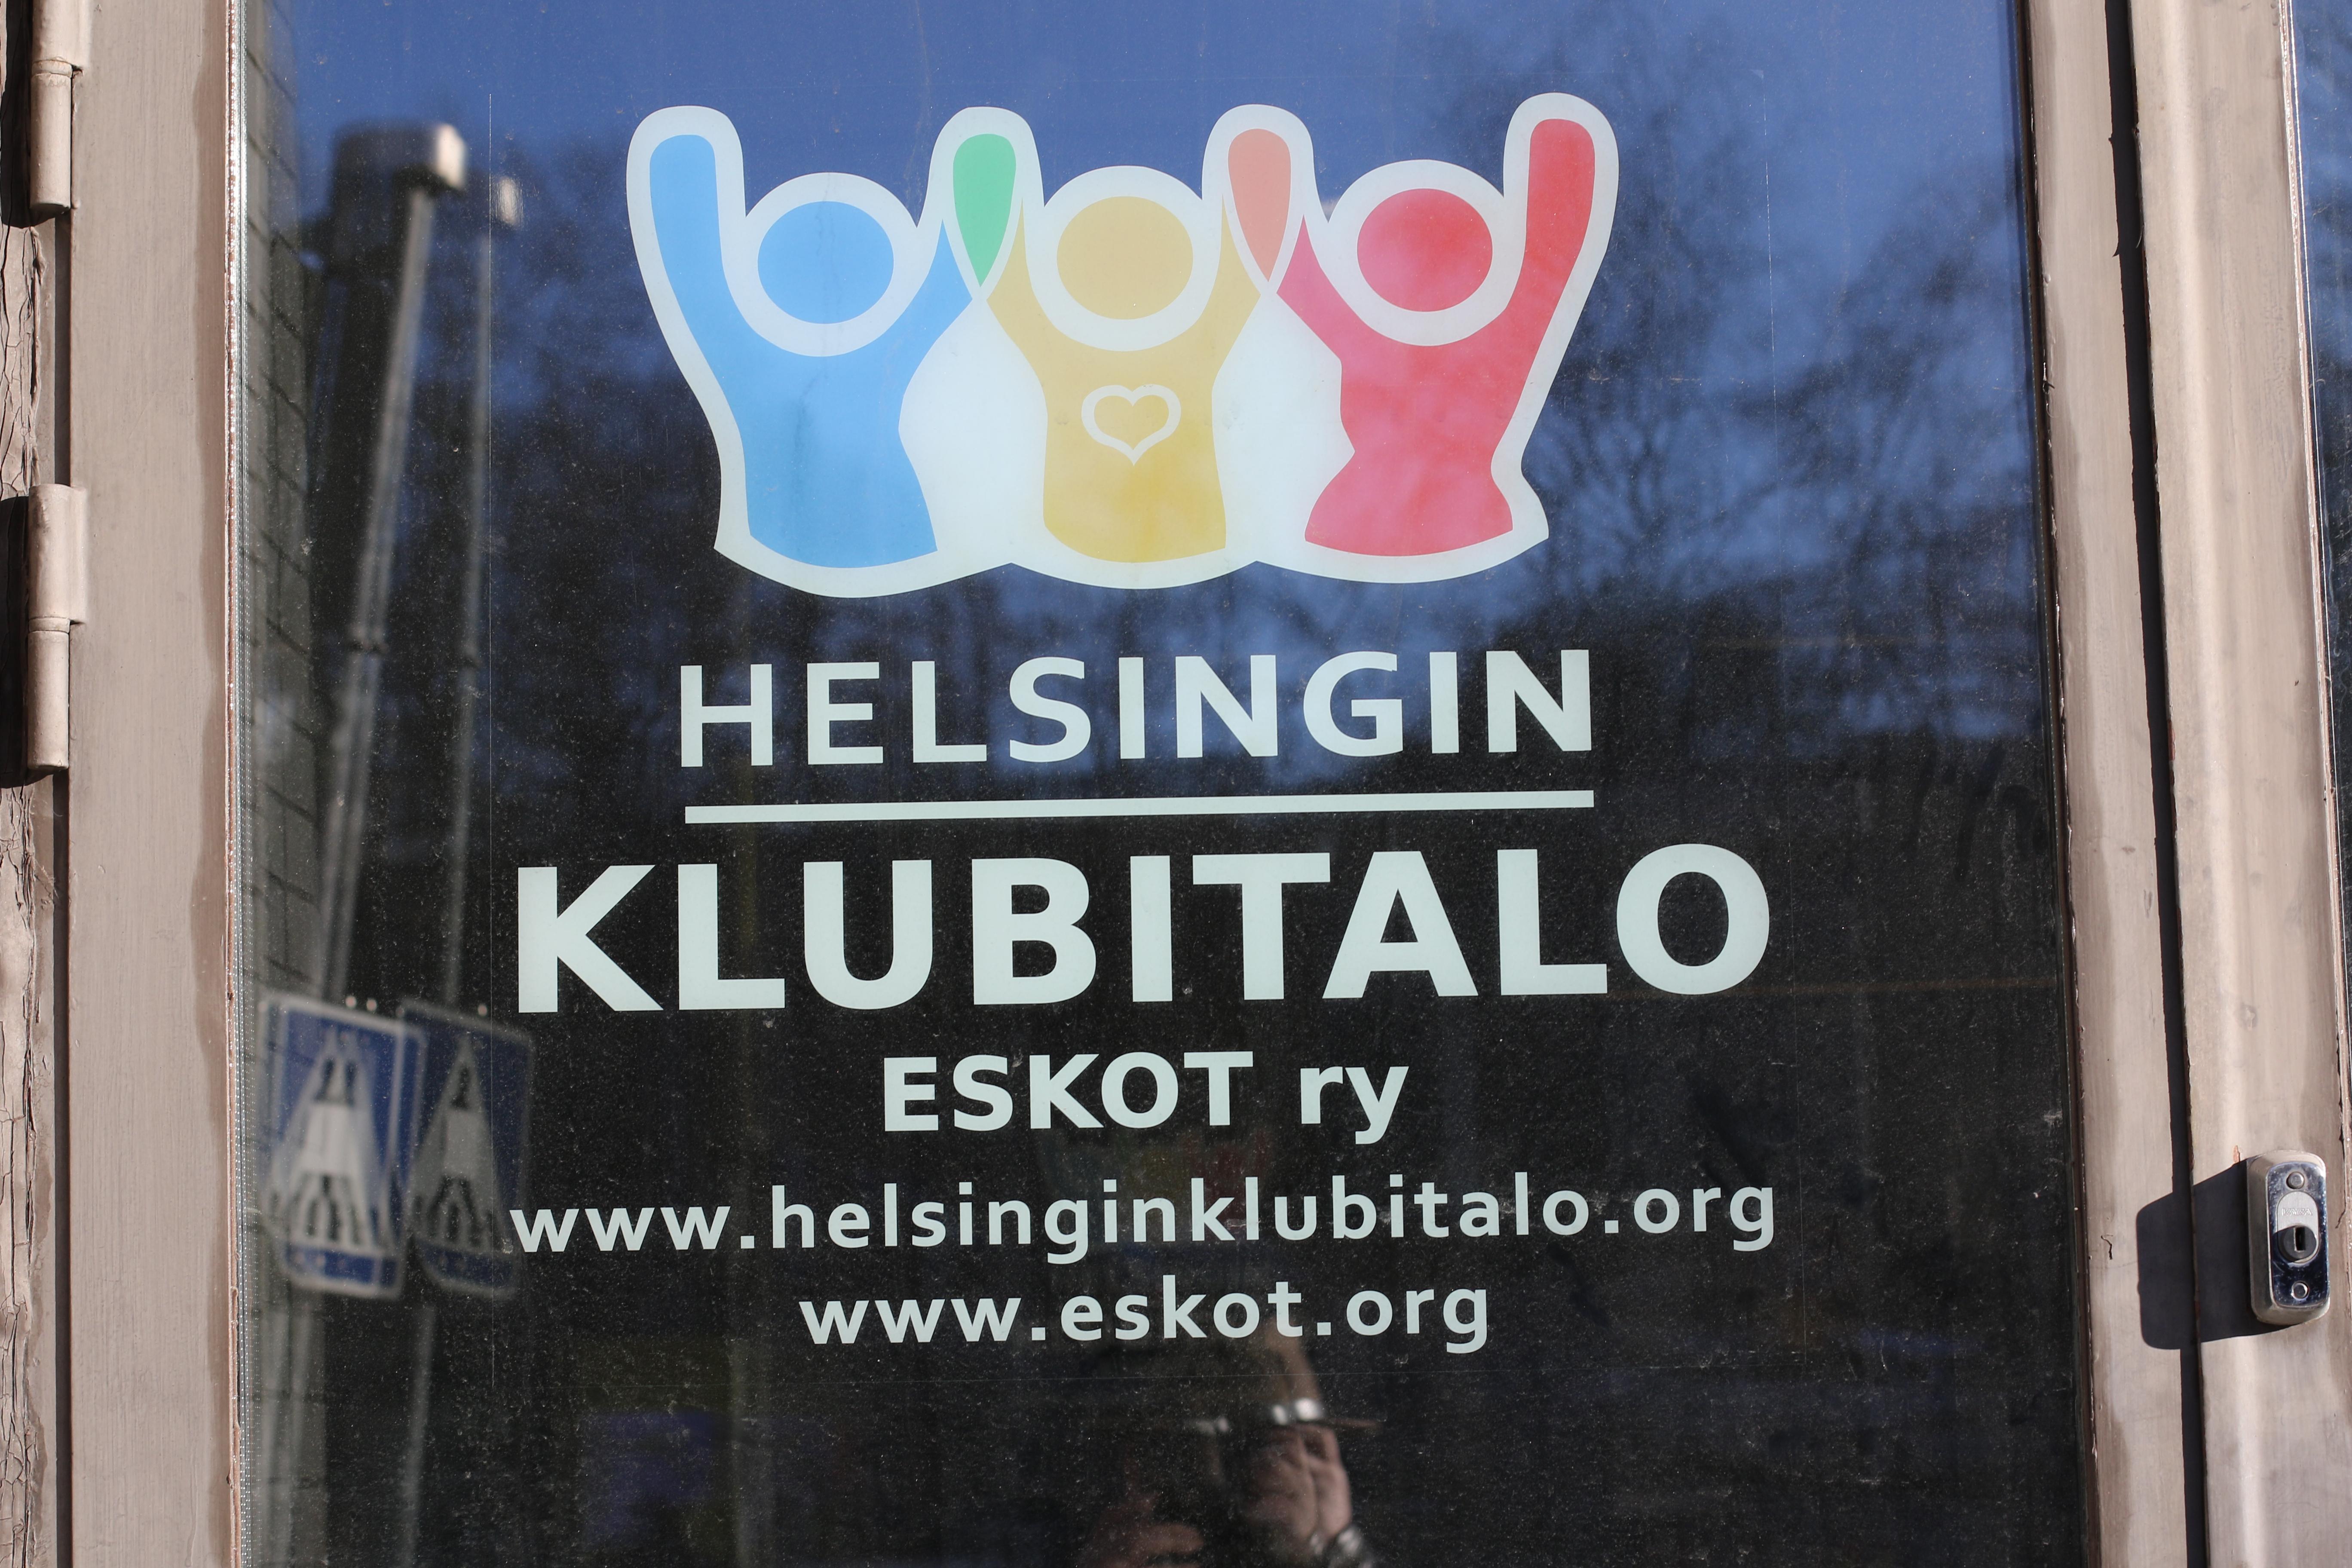 Helsingin Klubitalo